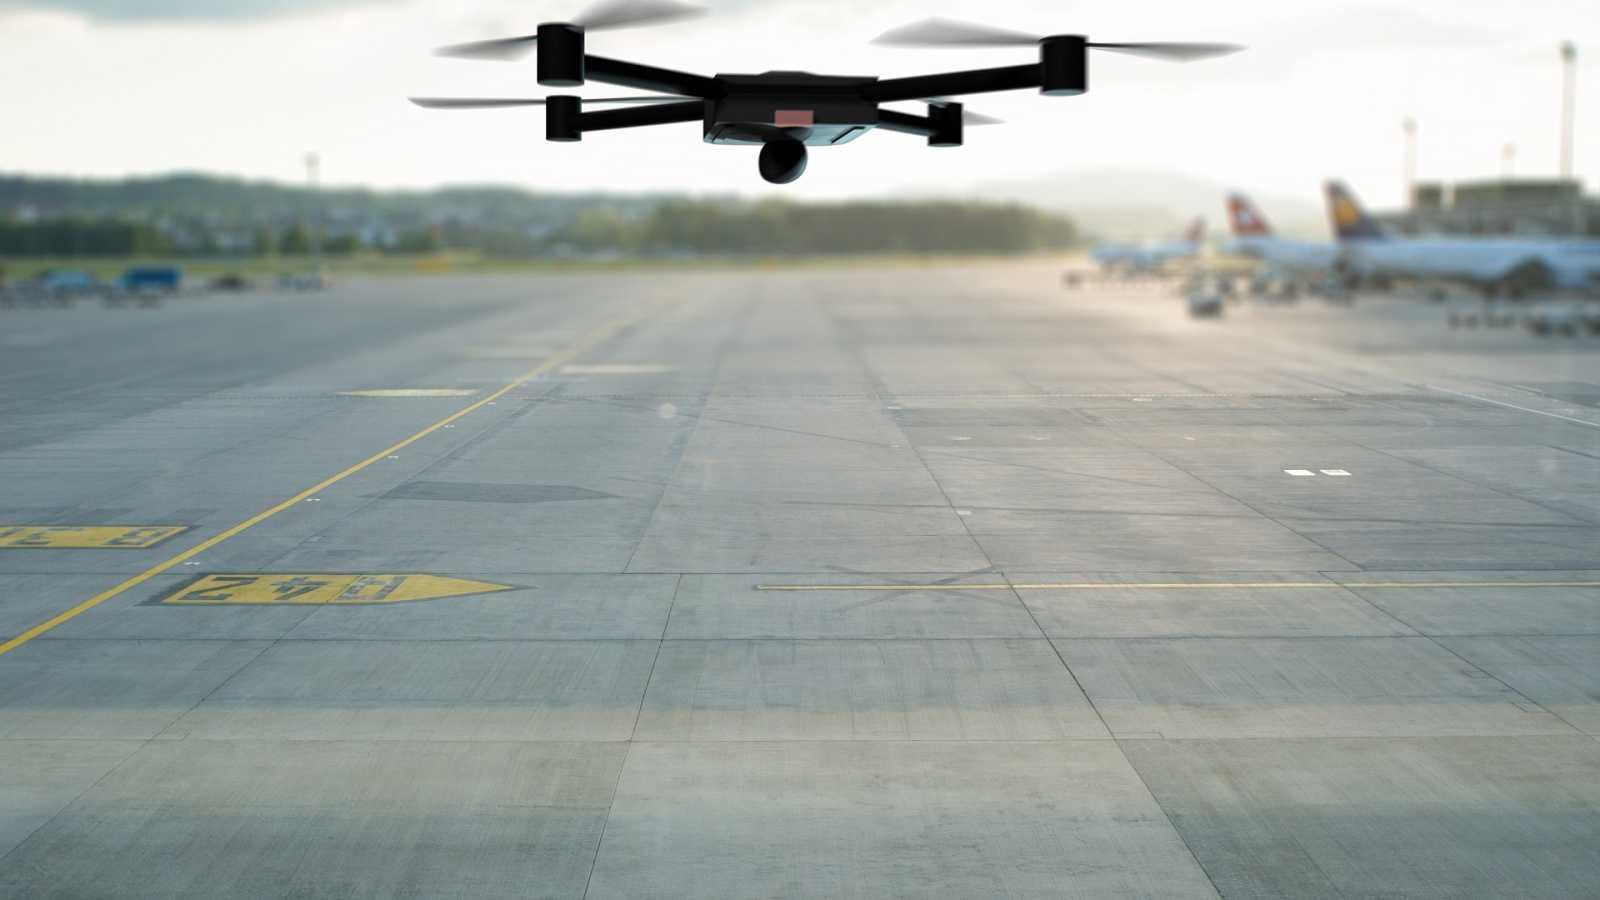 """Todo noticias mañana - Piloto: """"Está prohibido volar drones a menos de 8 kilómetros de un aeropuerto"""" - Escuchar ahora"""